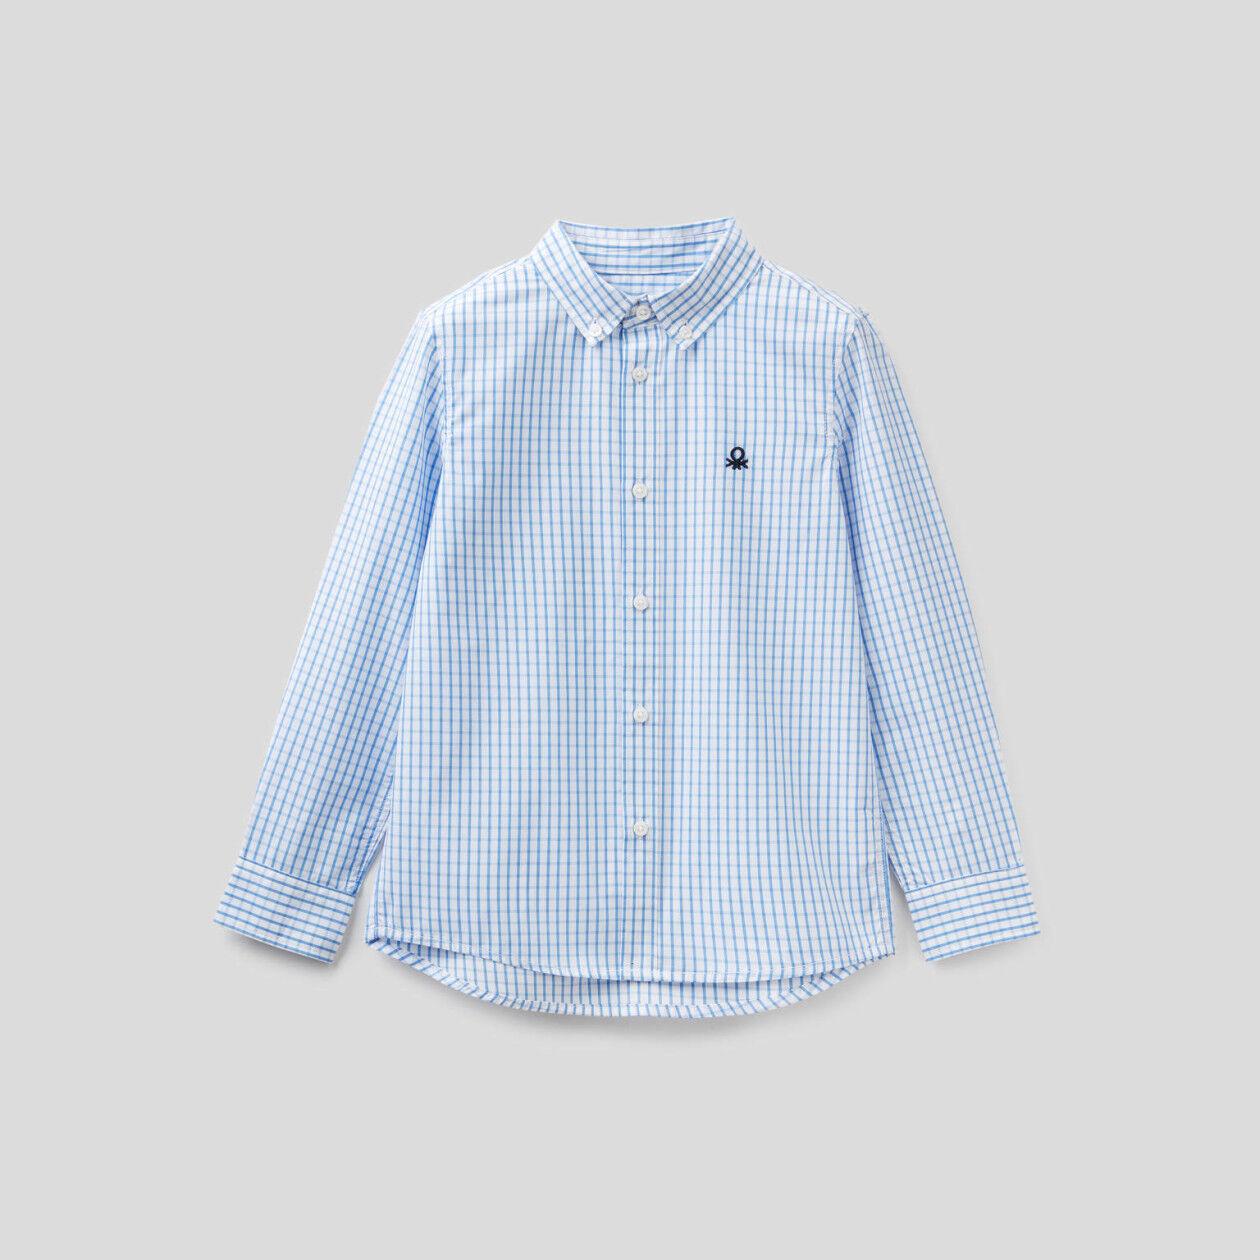 Camisa deportiva de cuadros de algodón puro